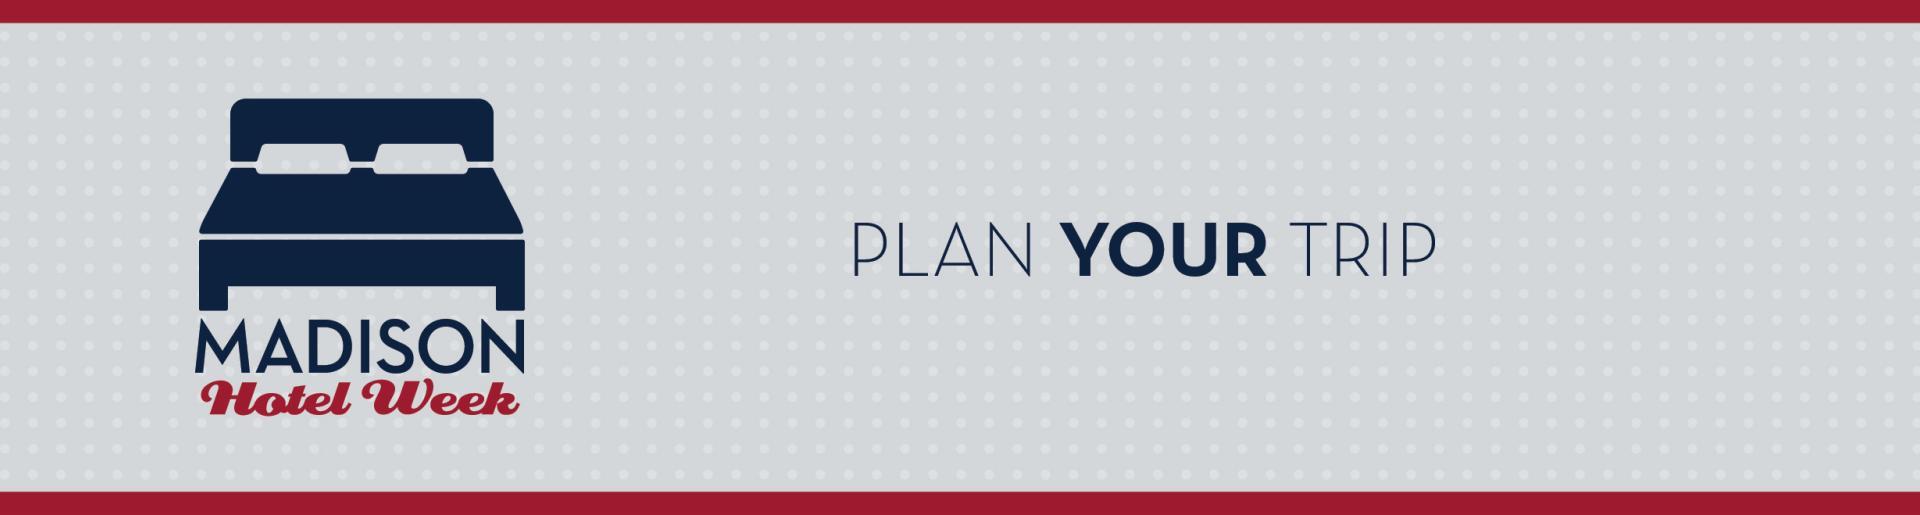 Madison Hotel Week: Plan